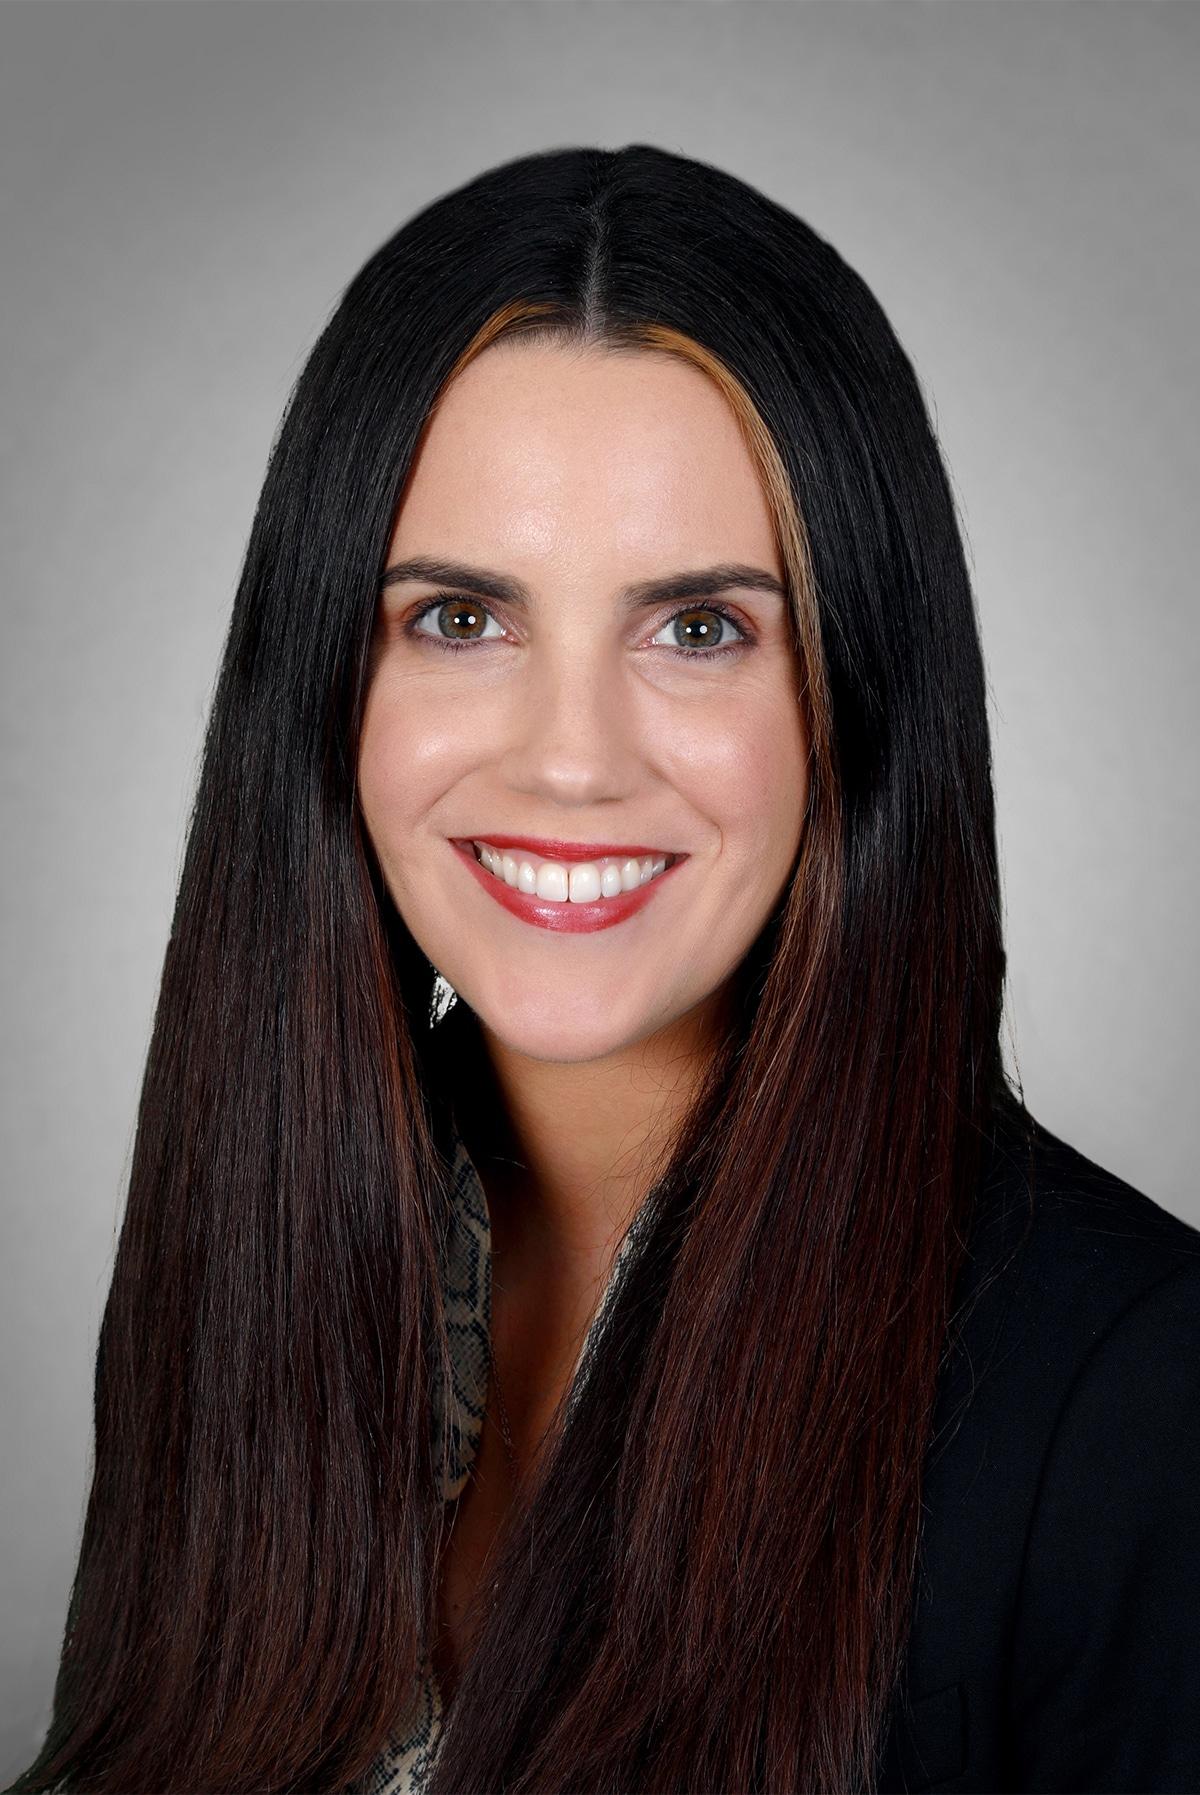 Abby Winkler clix3062_#3website